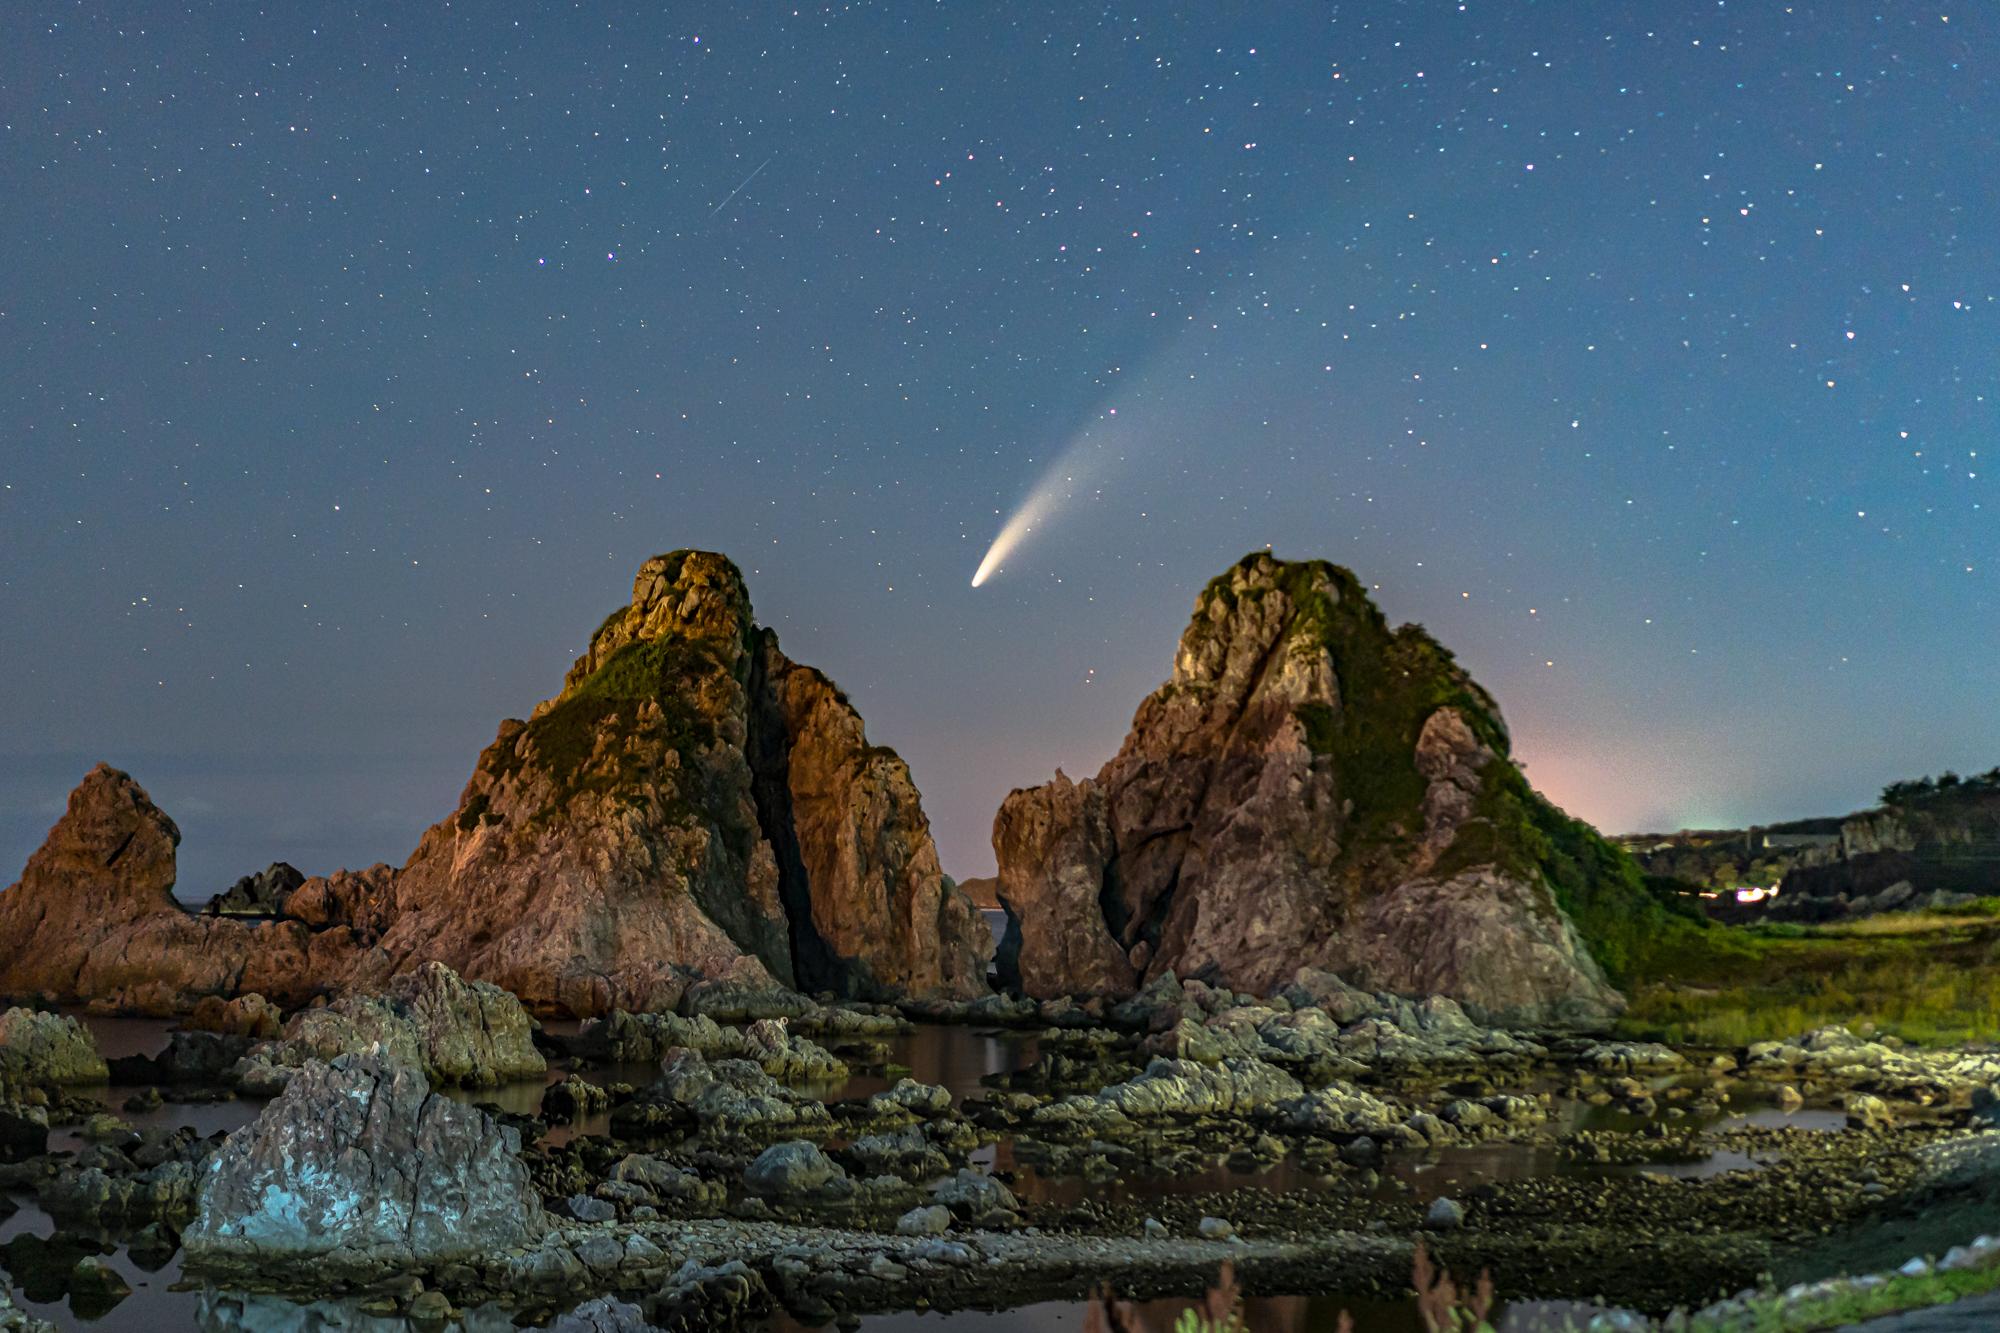 ネオワイズ彗星と夫婦岩